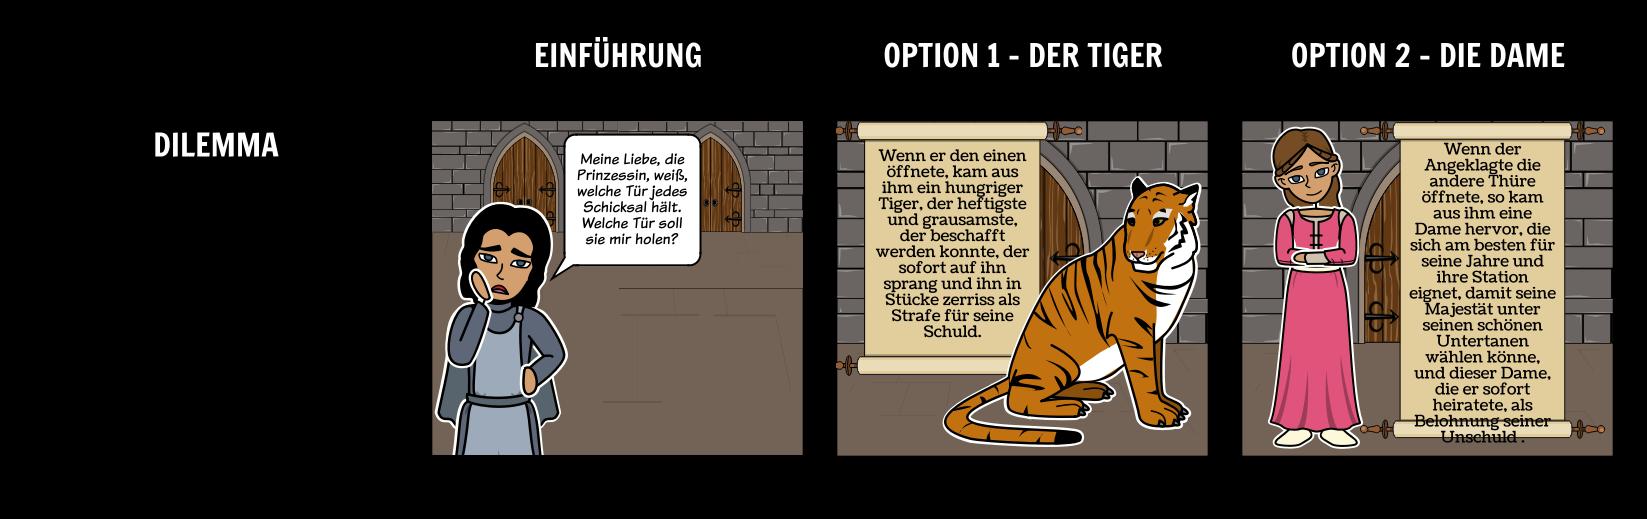 Dame Oder das Tiger-Dilemma